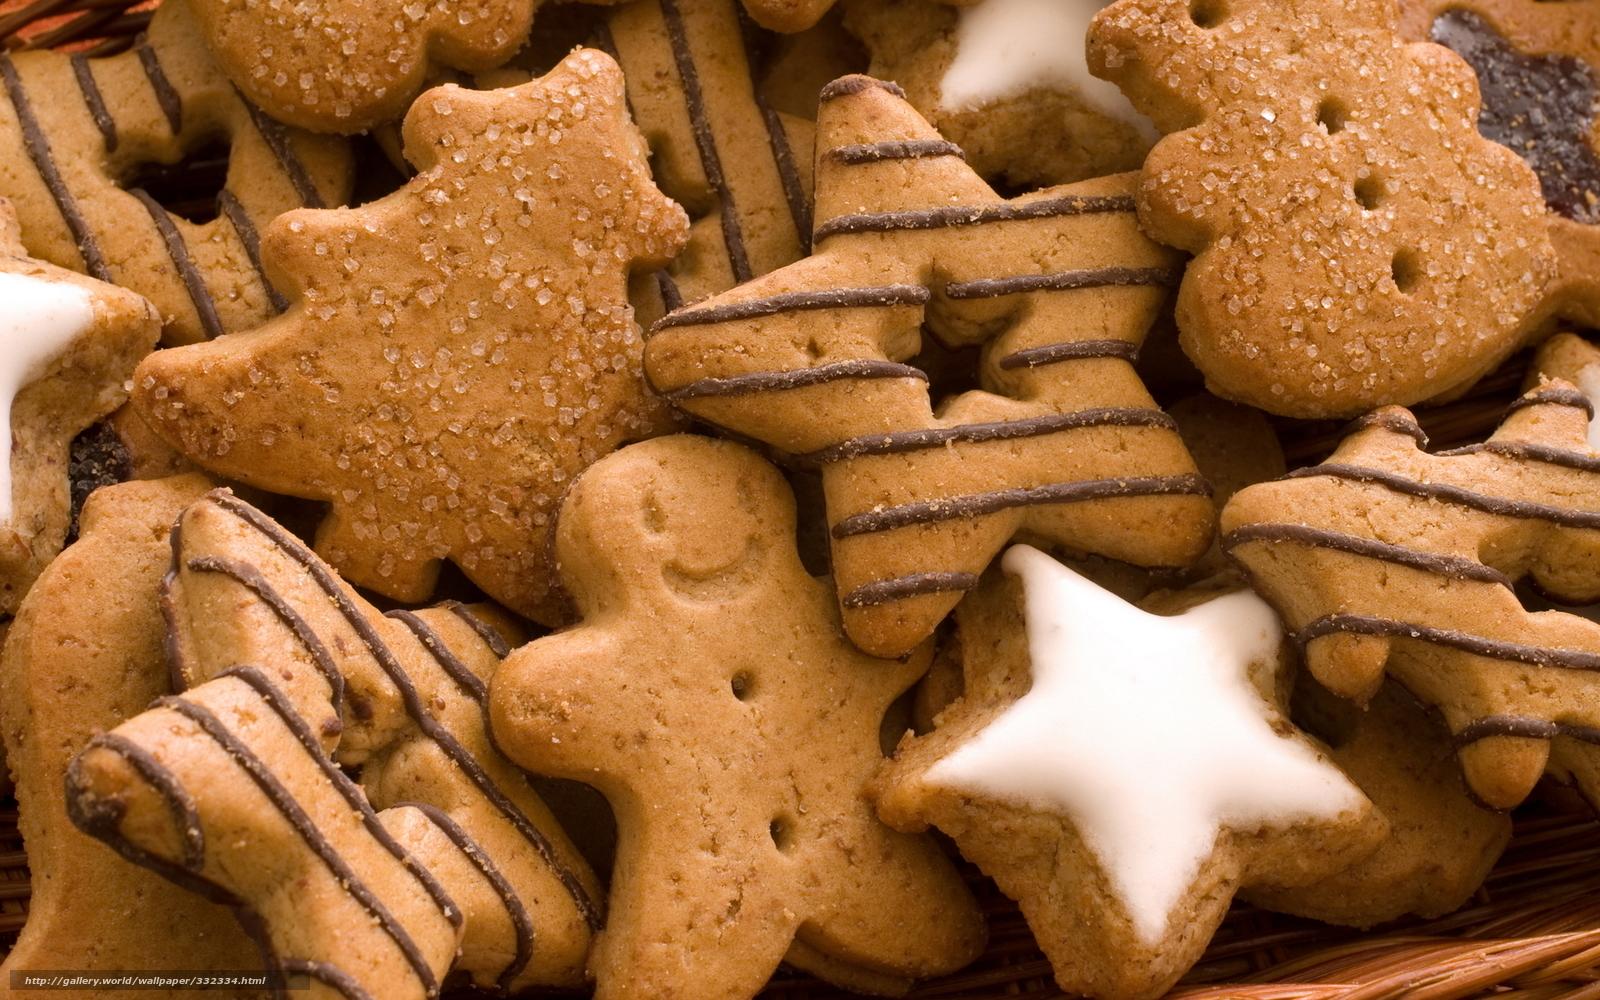 星形やツリー型やヒト型など様々な形をしたクッキーです。チョコレートで描かれたストライプやアイシングなど見た目にも楽しいですね。